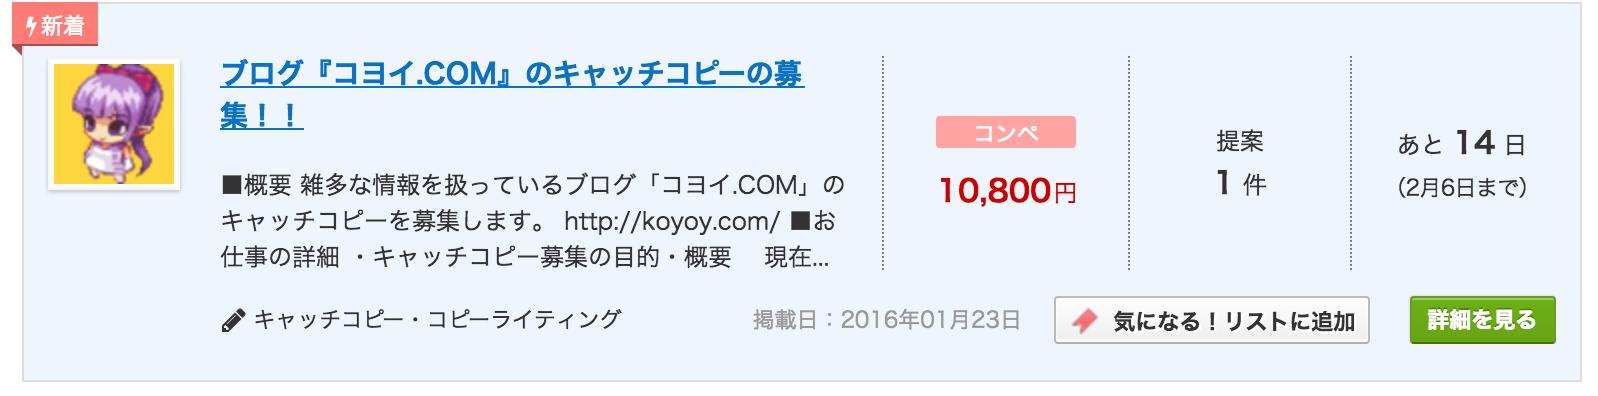 スクリーンショット 2016-01-23 16.52.58